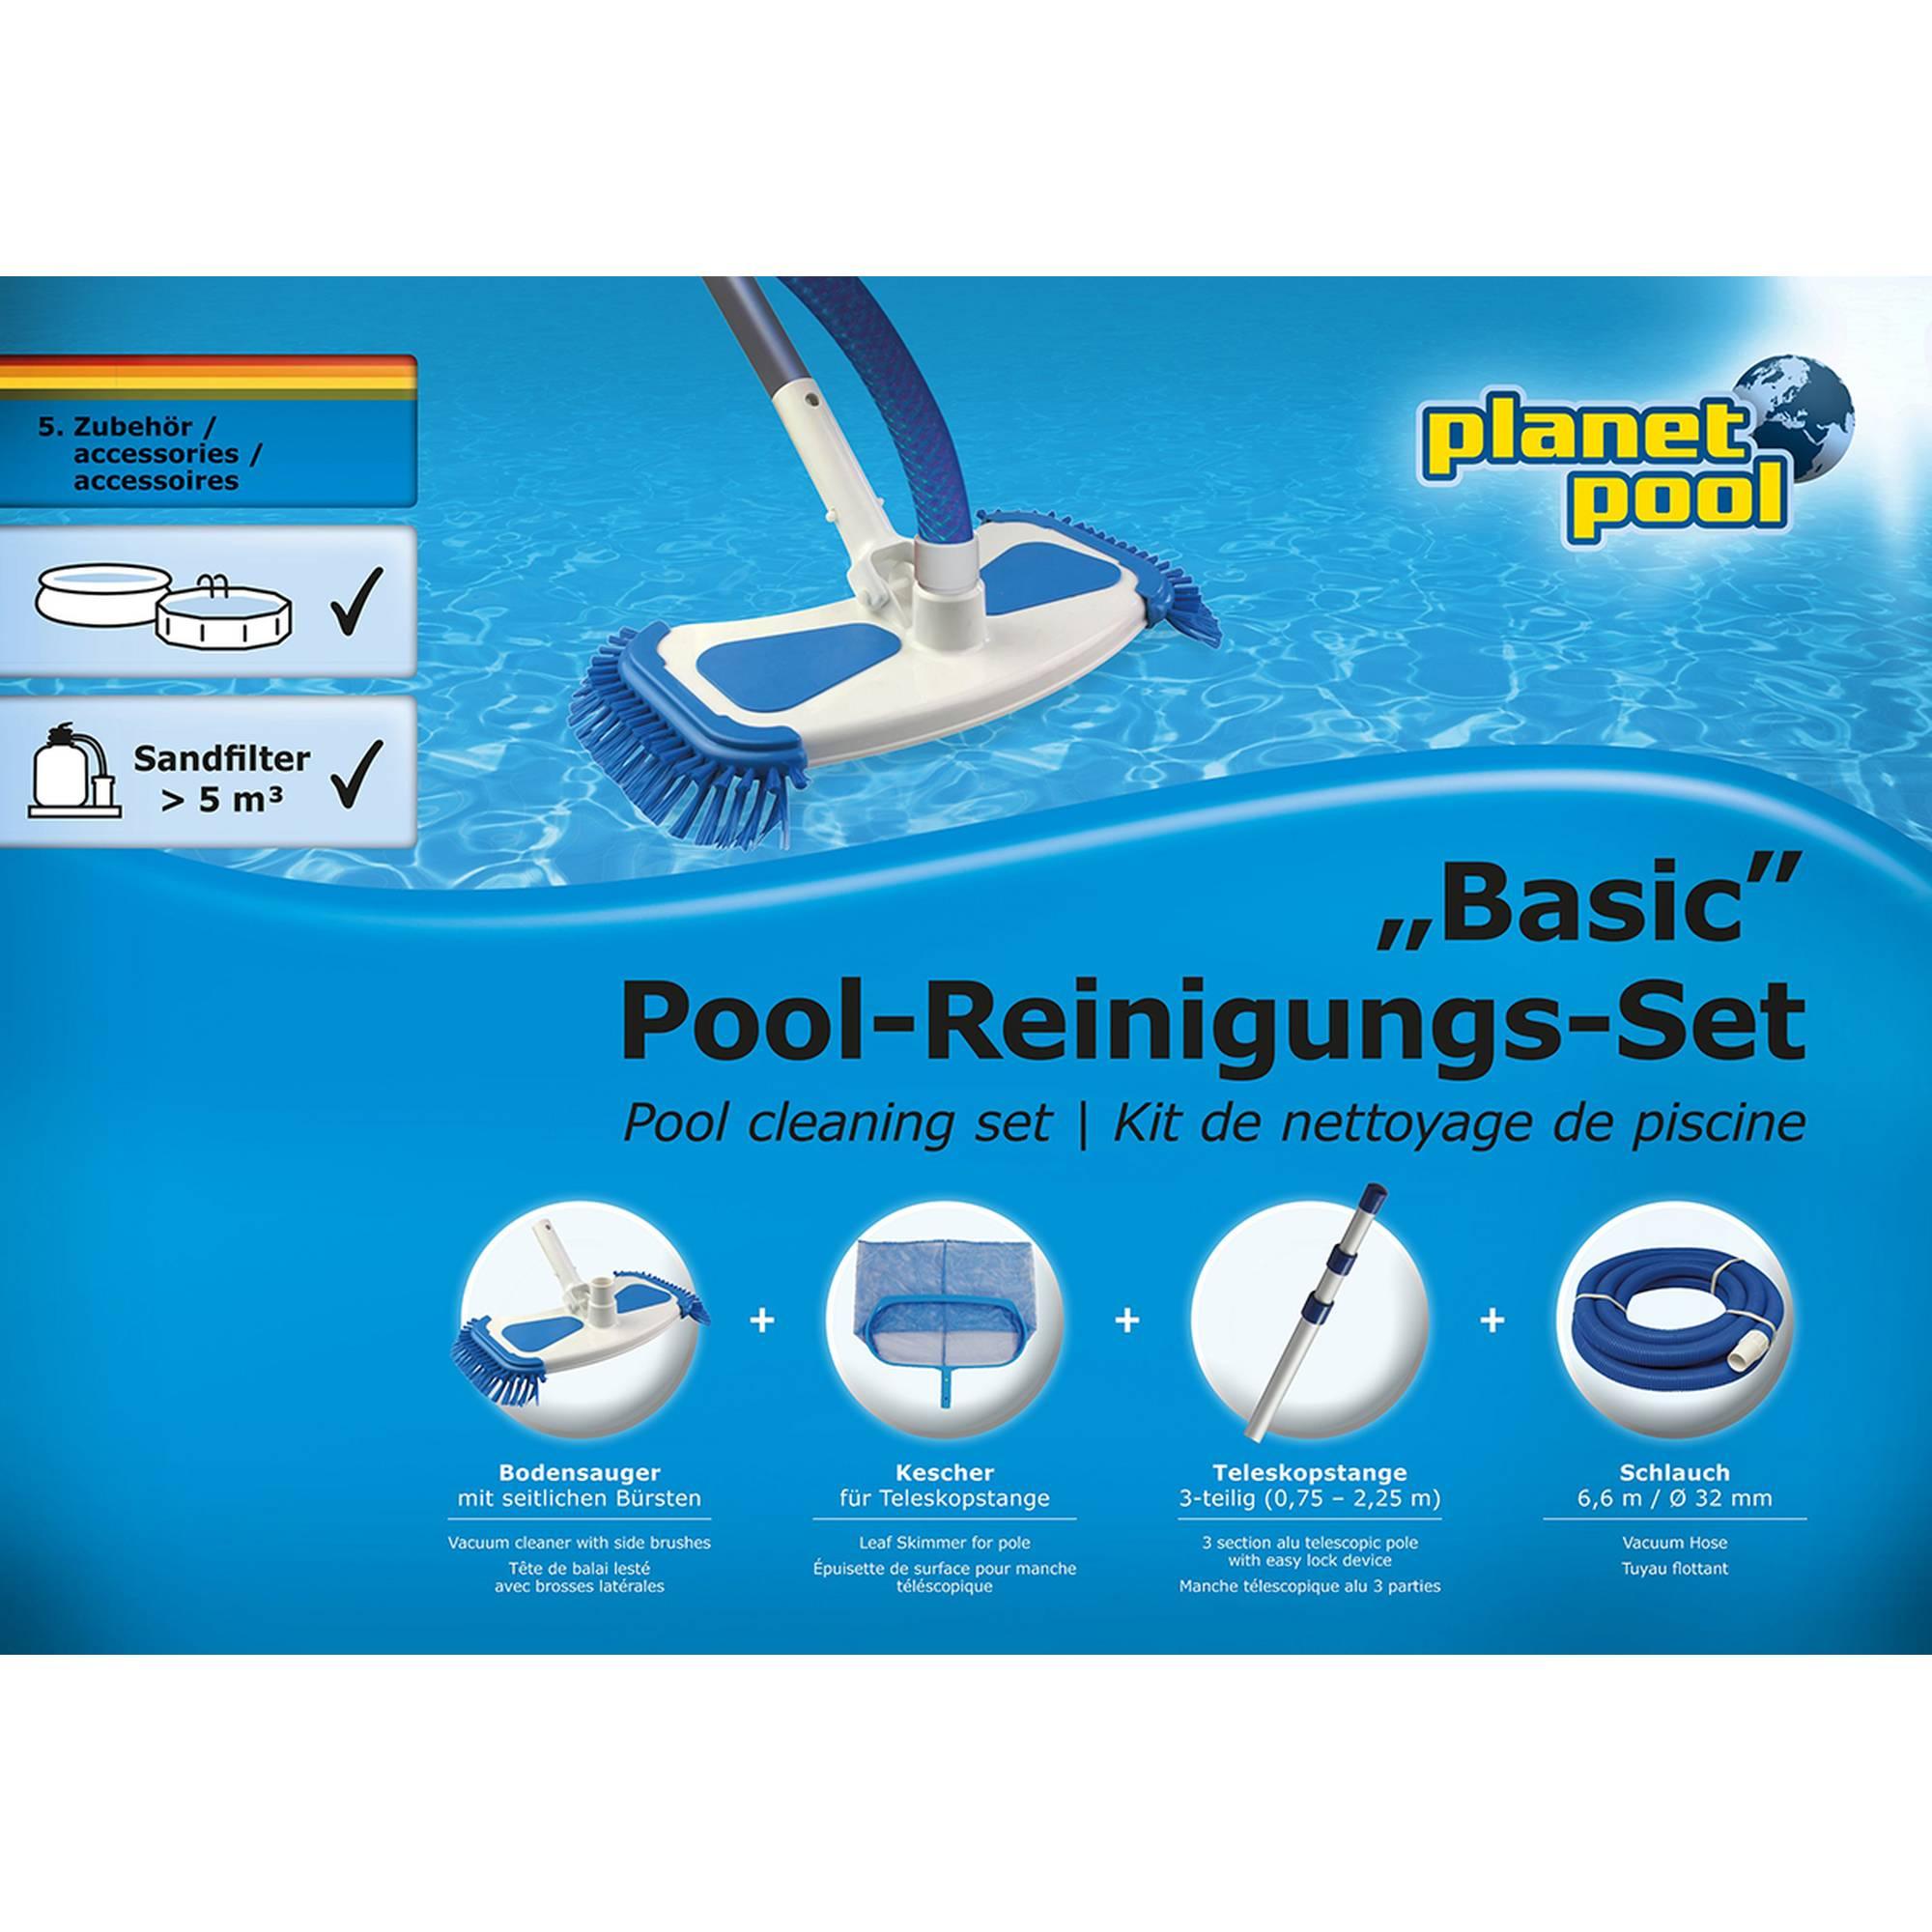 PLANET POOL Pool-Reinigungsset groß